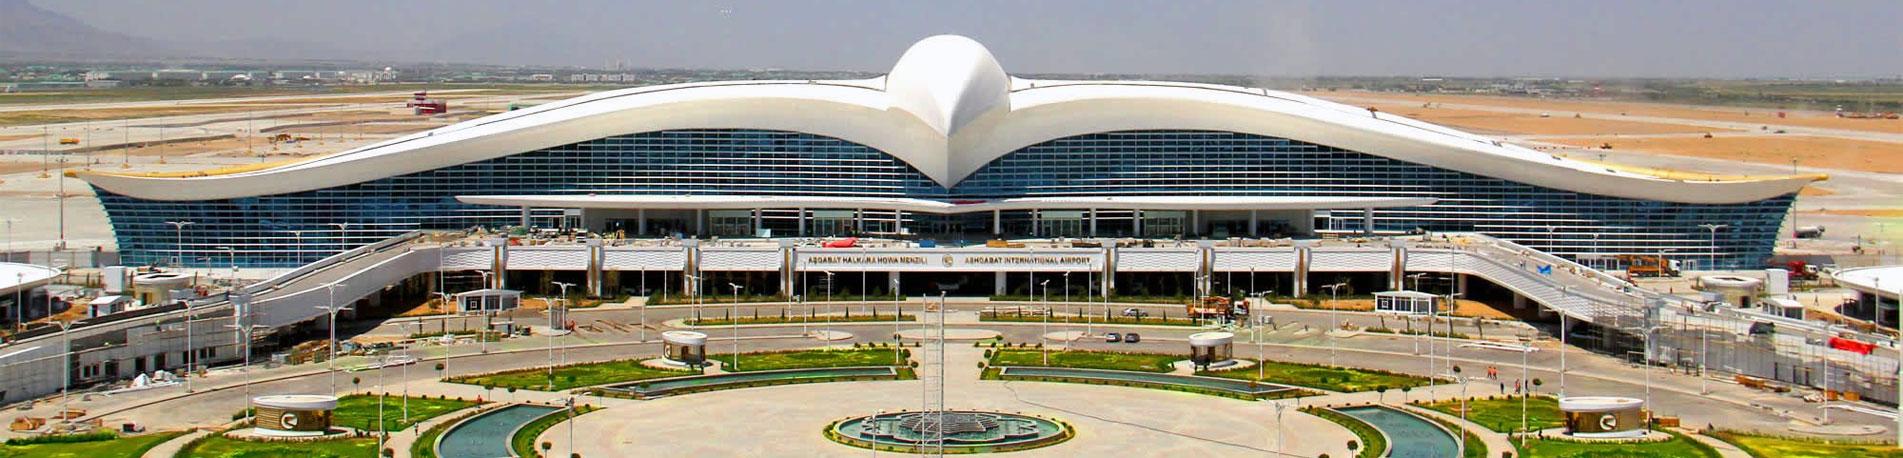 Вылеты из аэропорта Ашхабад